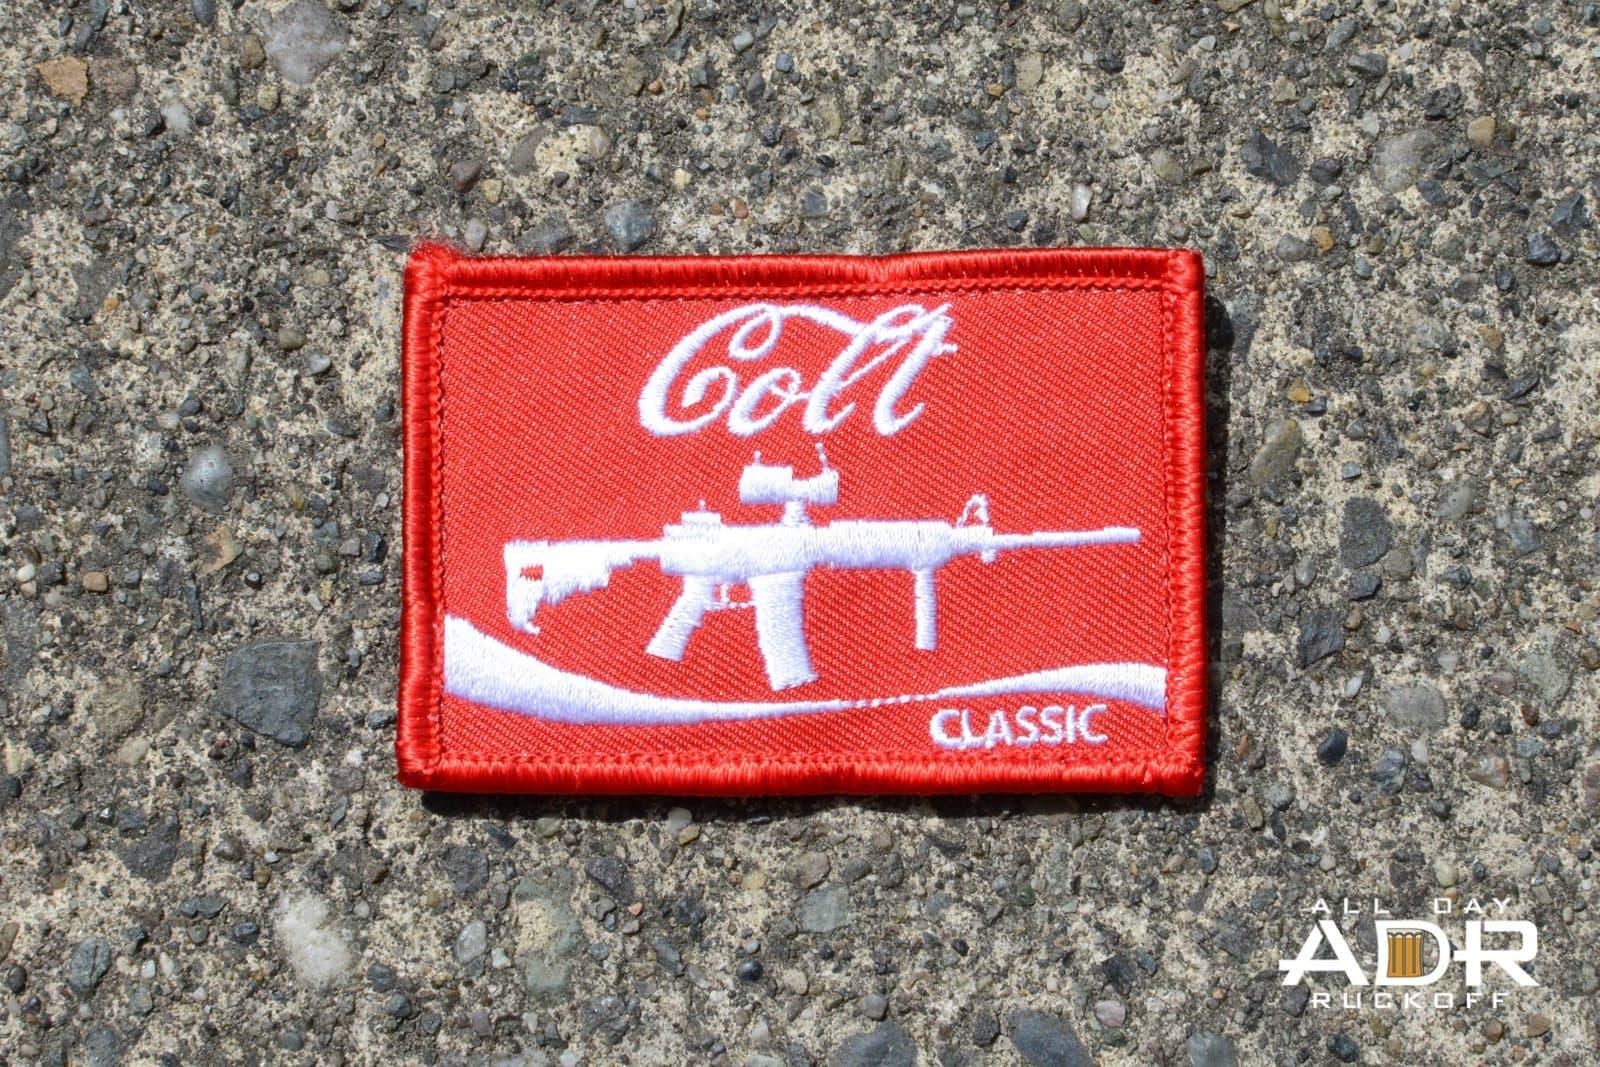 Colt Classic Patch